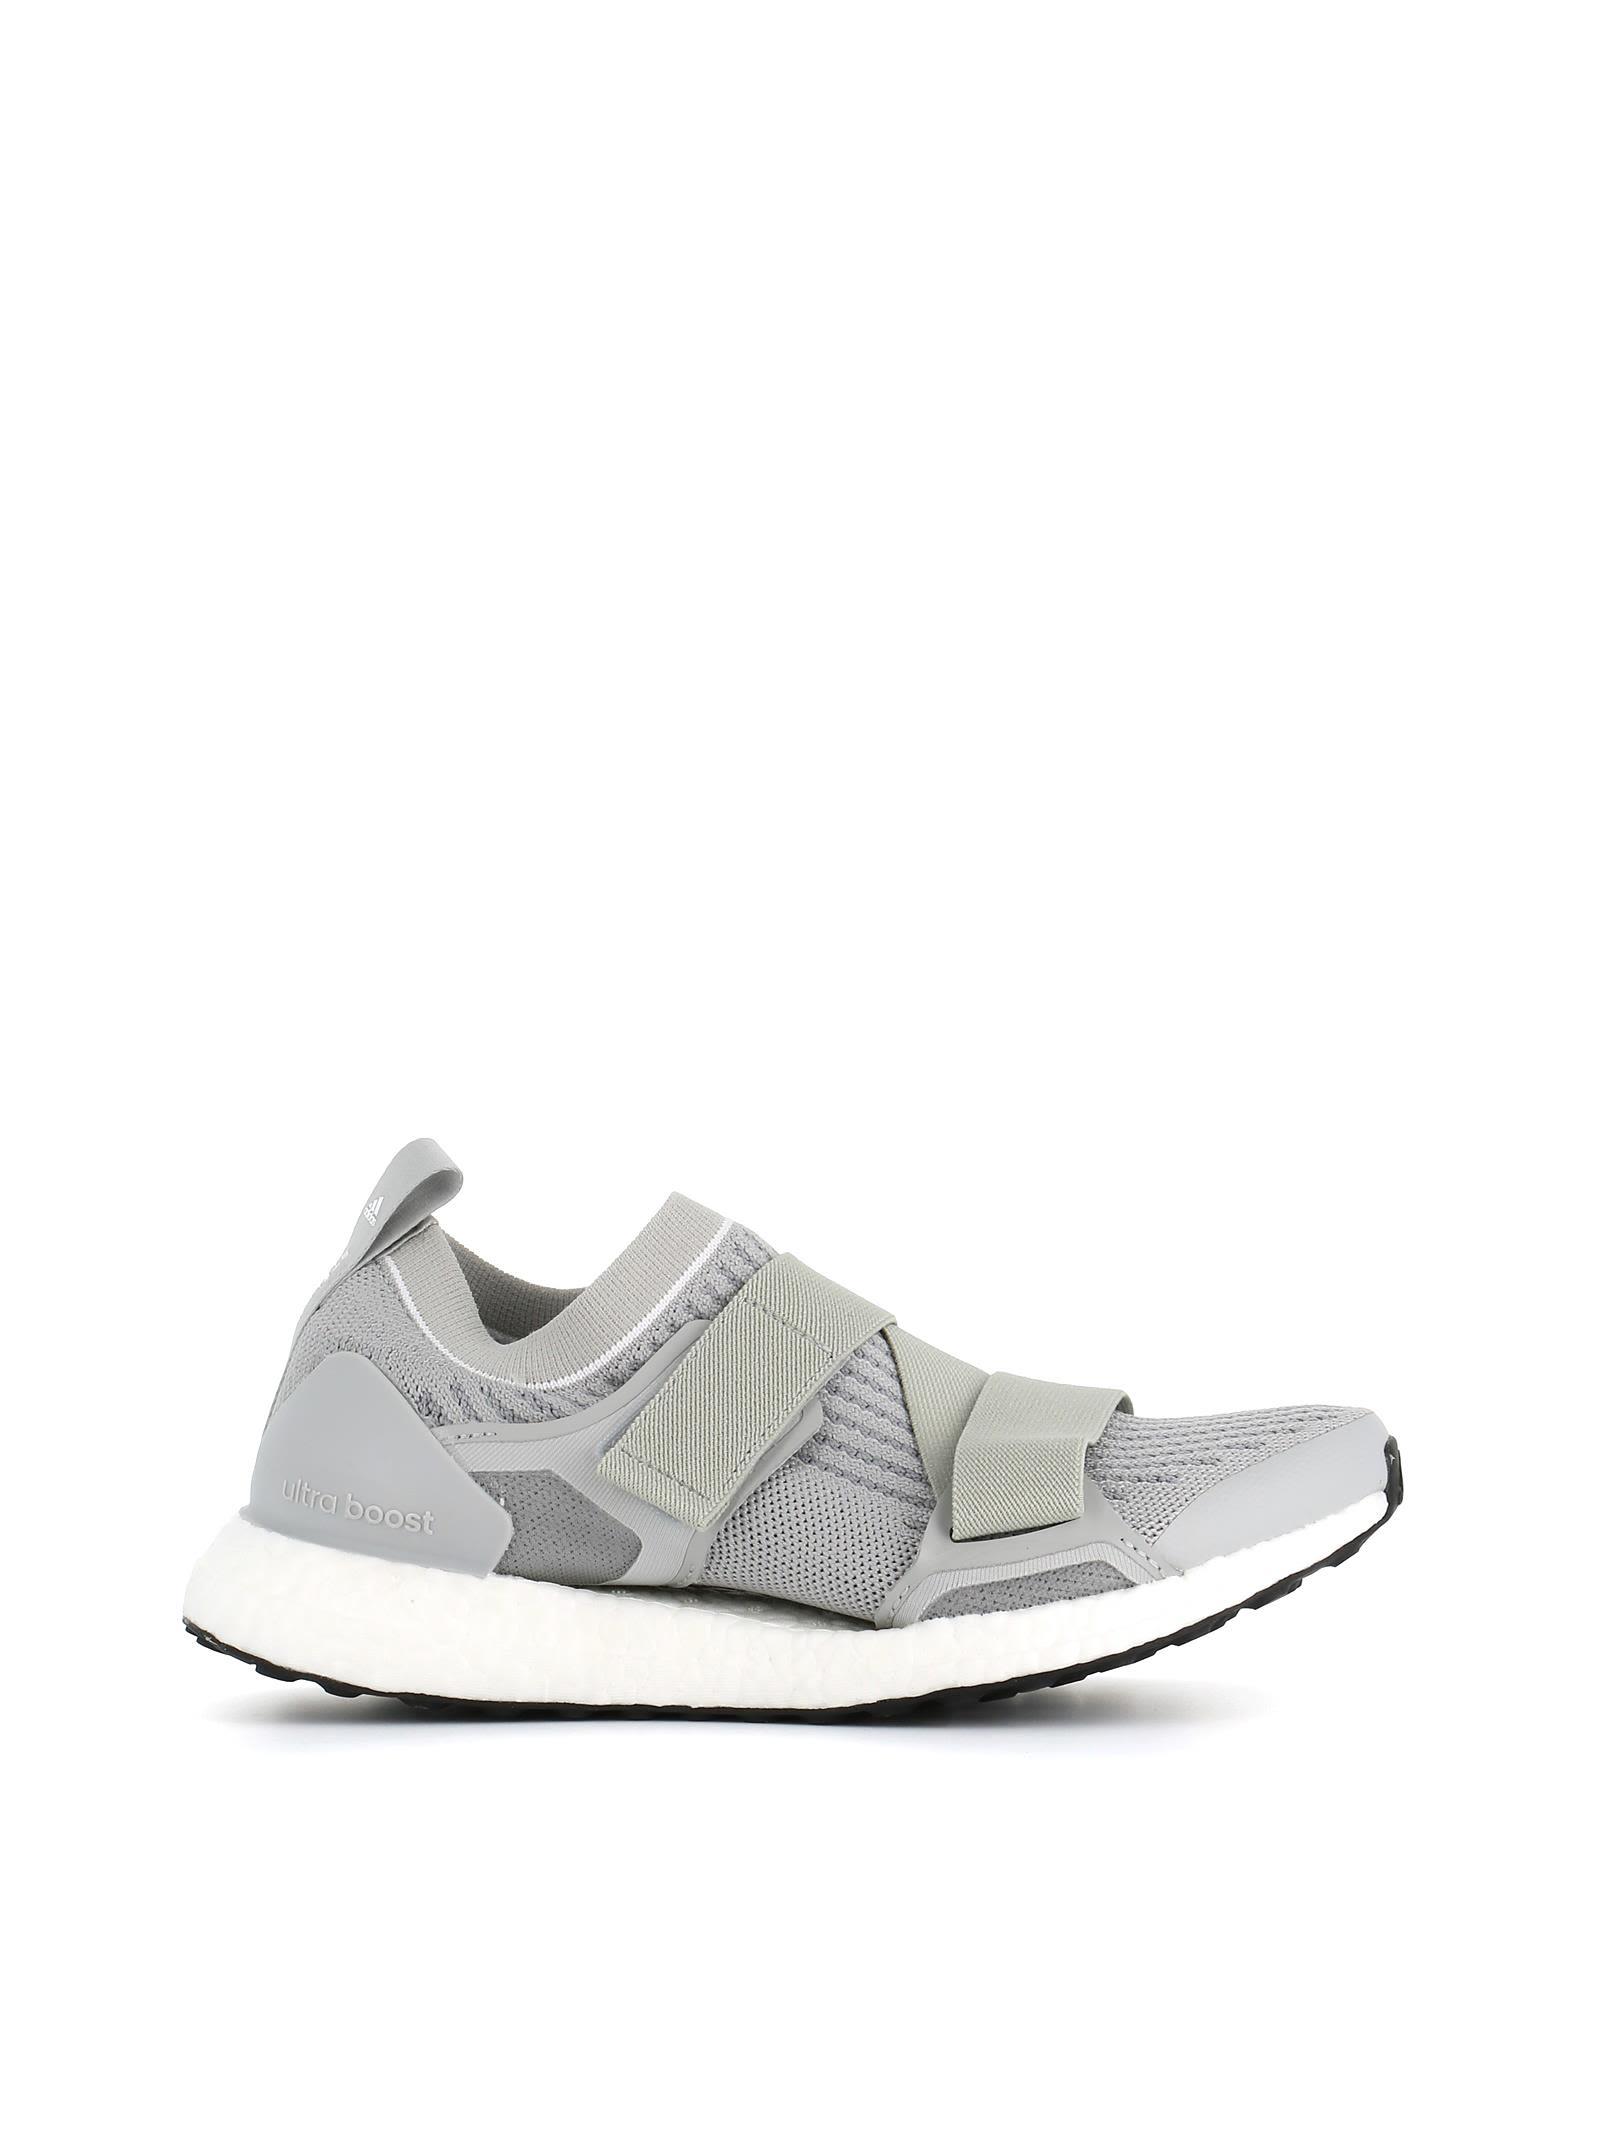 404dc72c1 Adidas by Stella McCartney Adidas By Stella Mccartney Sneakers ...